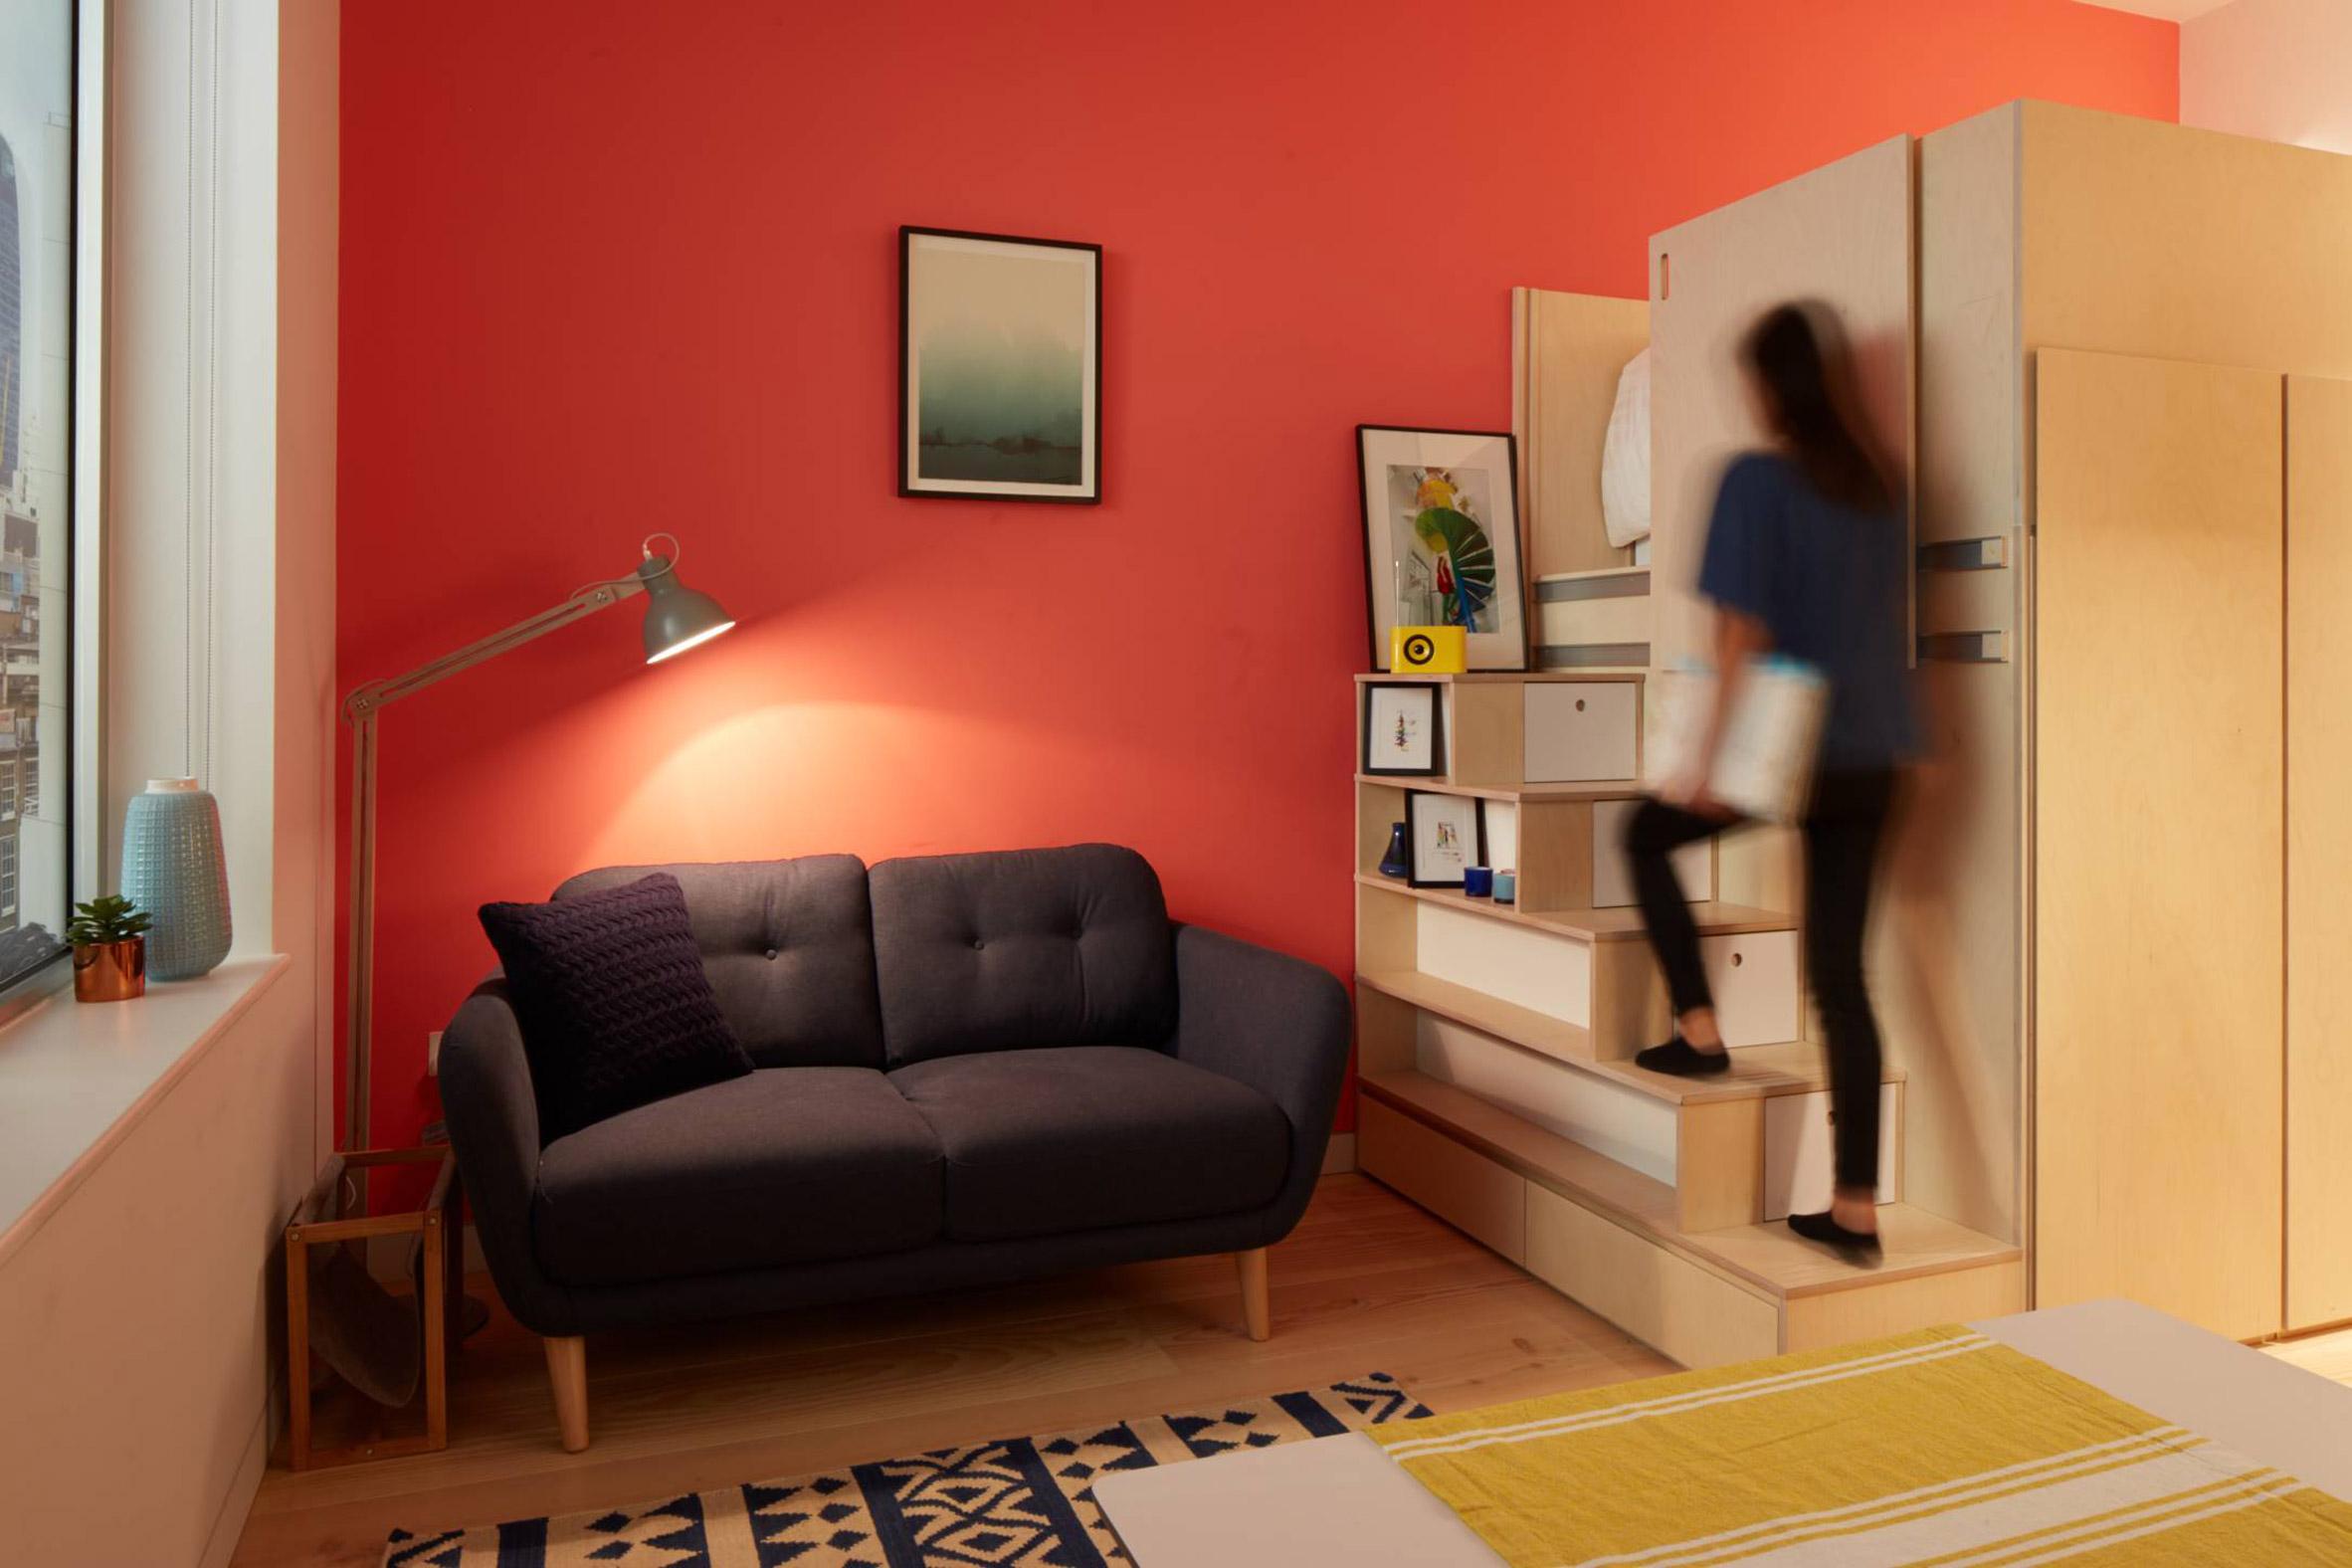 Ab Rogers Design creates 19-square-metre apartment in London